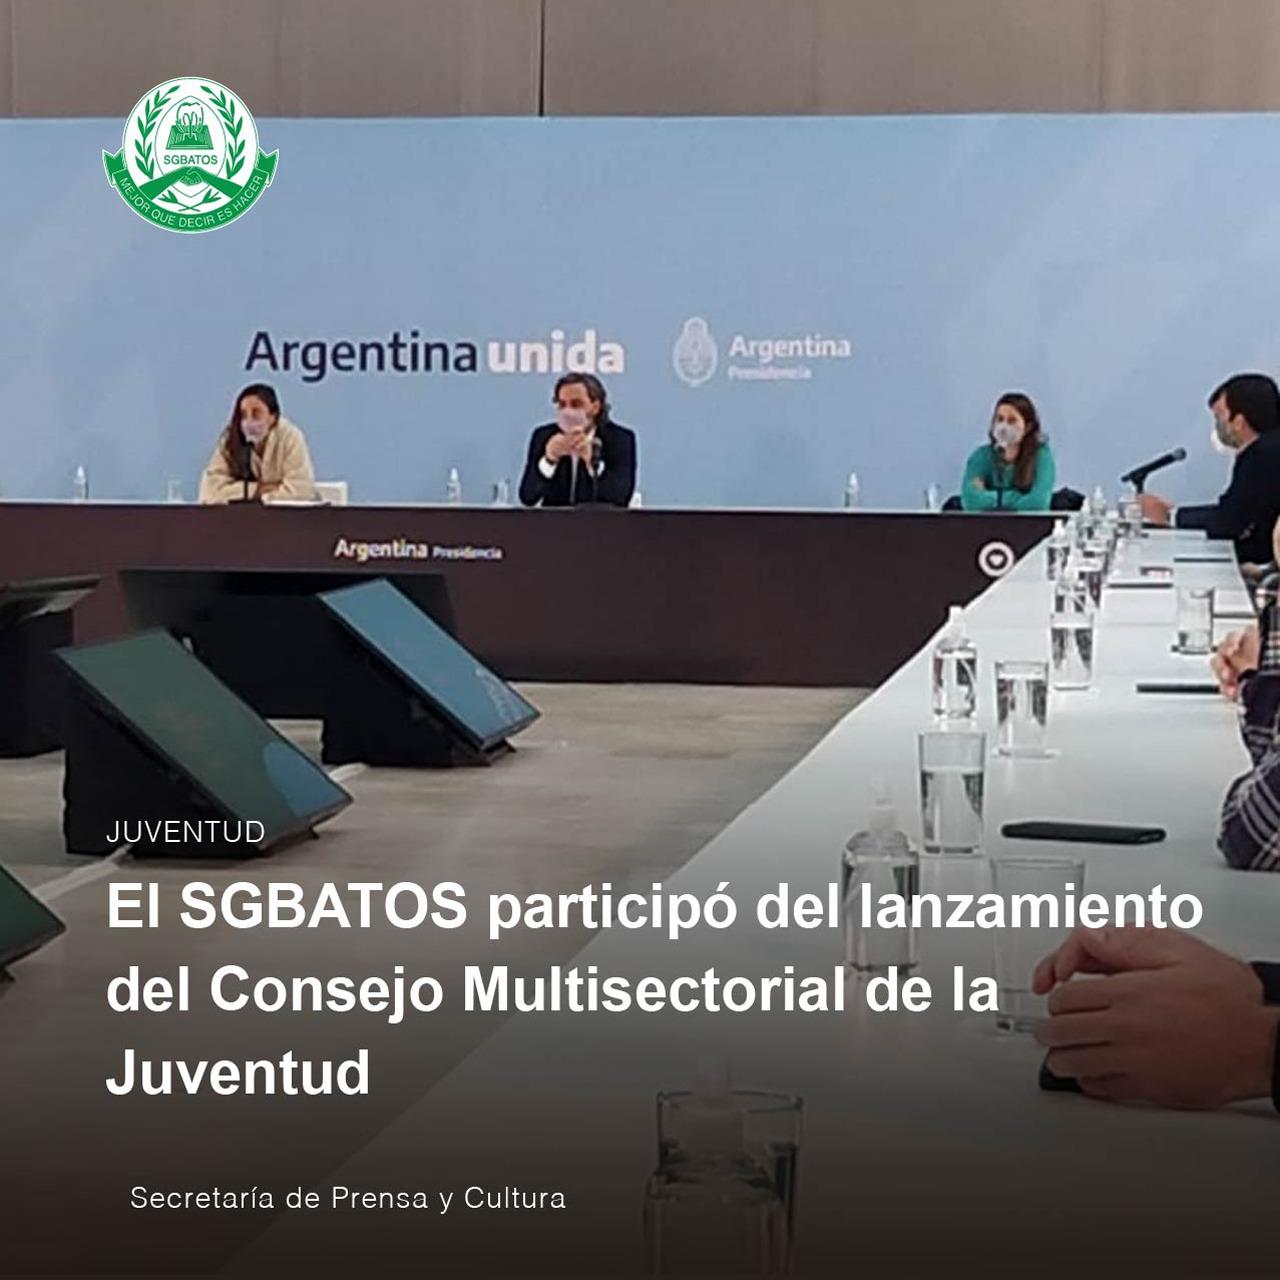 El SGBATOS participó del lanzamiento del Consejo Multisectorial de la Juventud